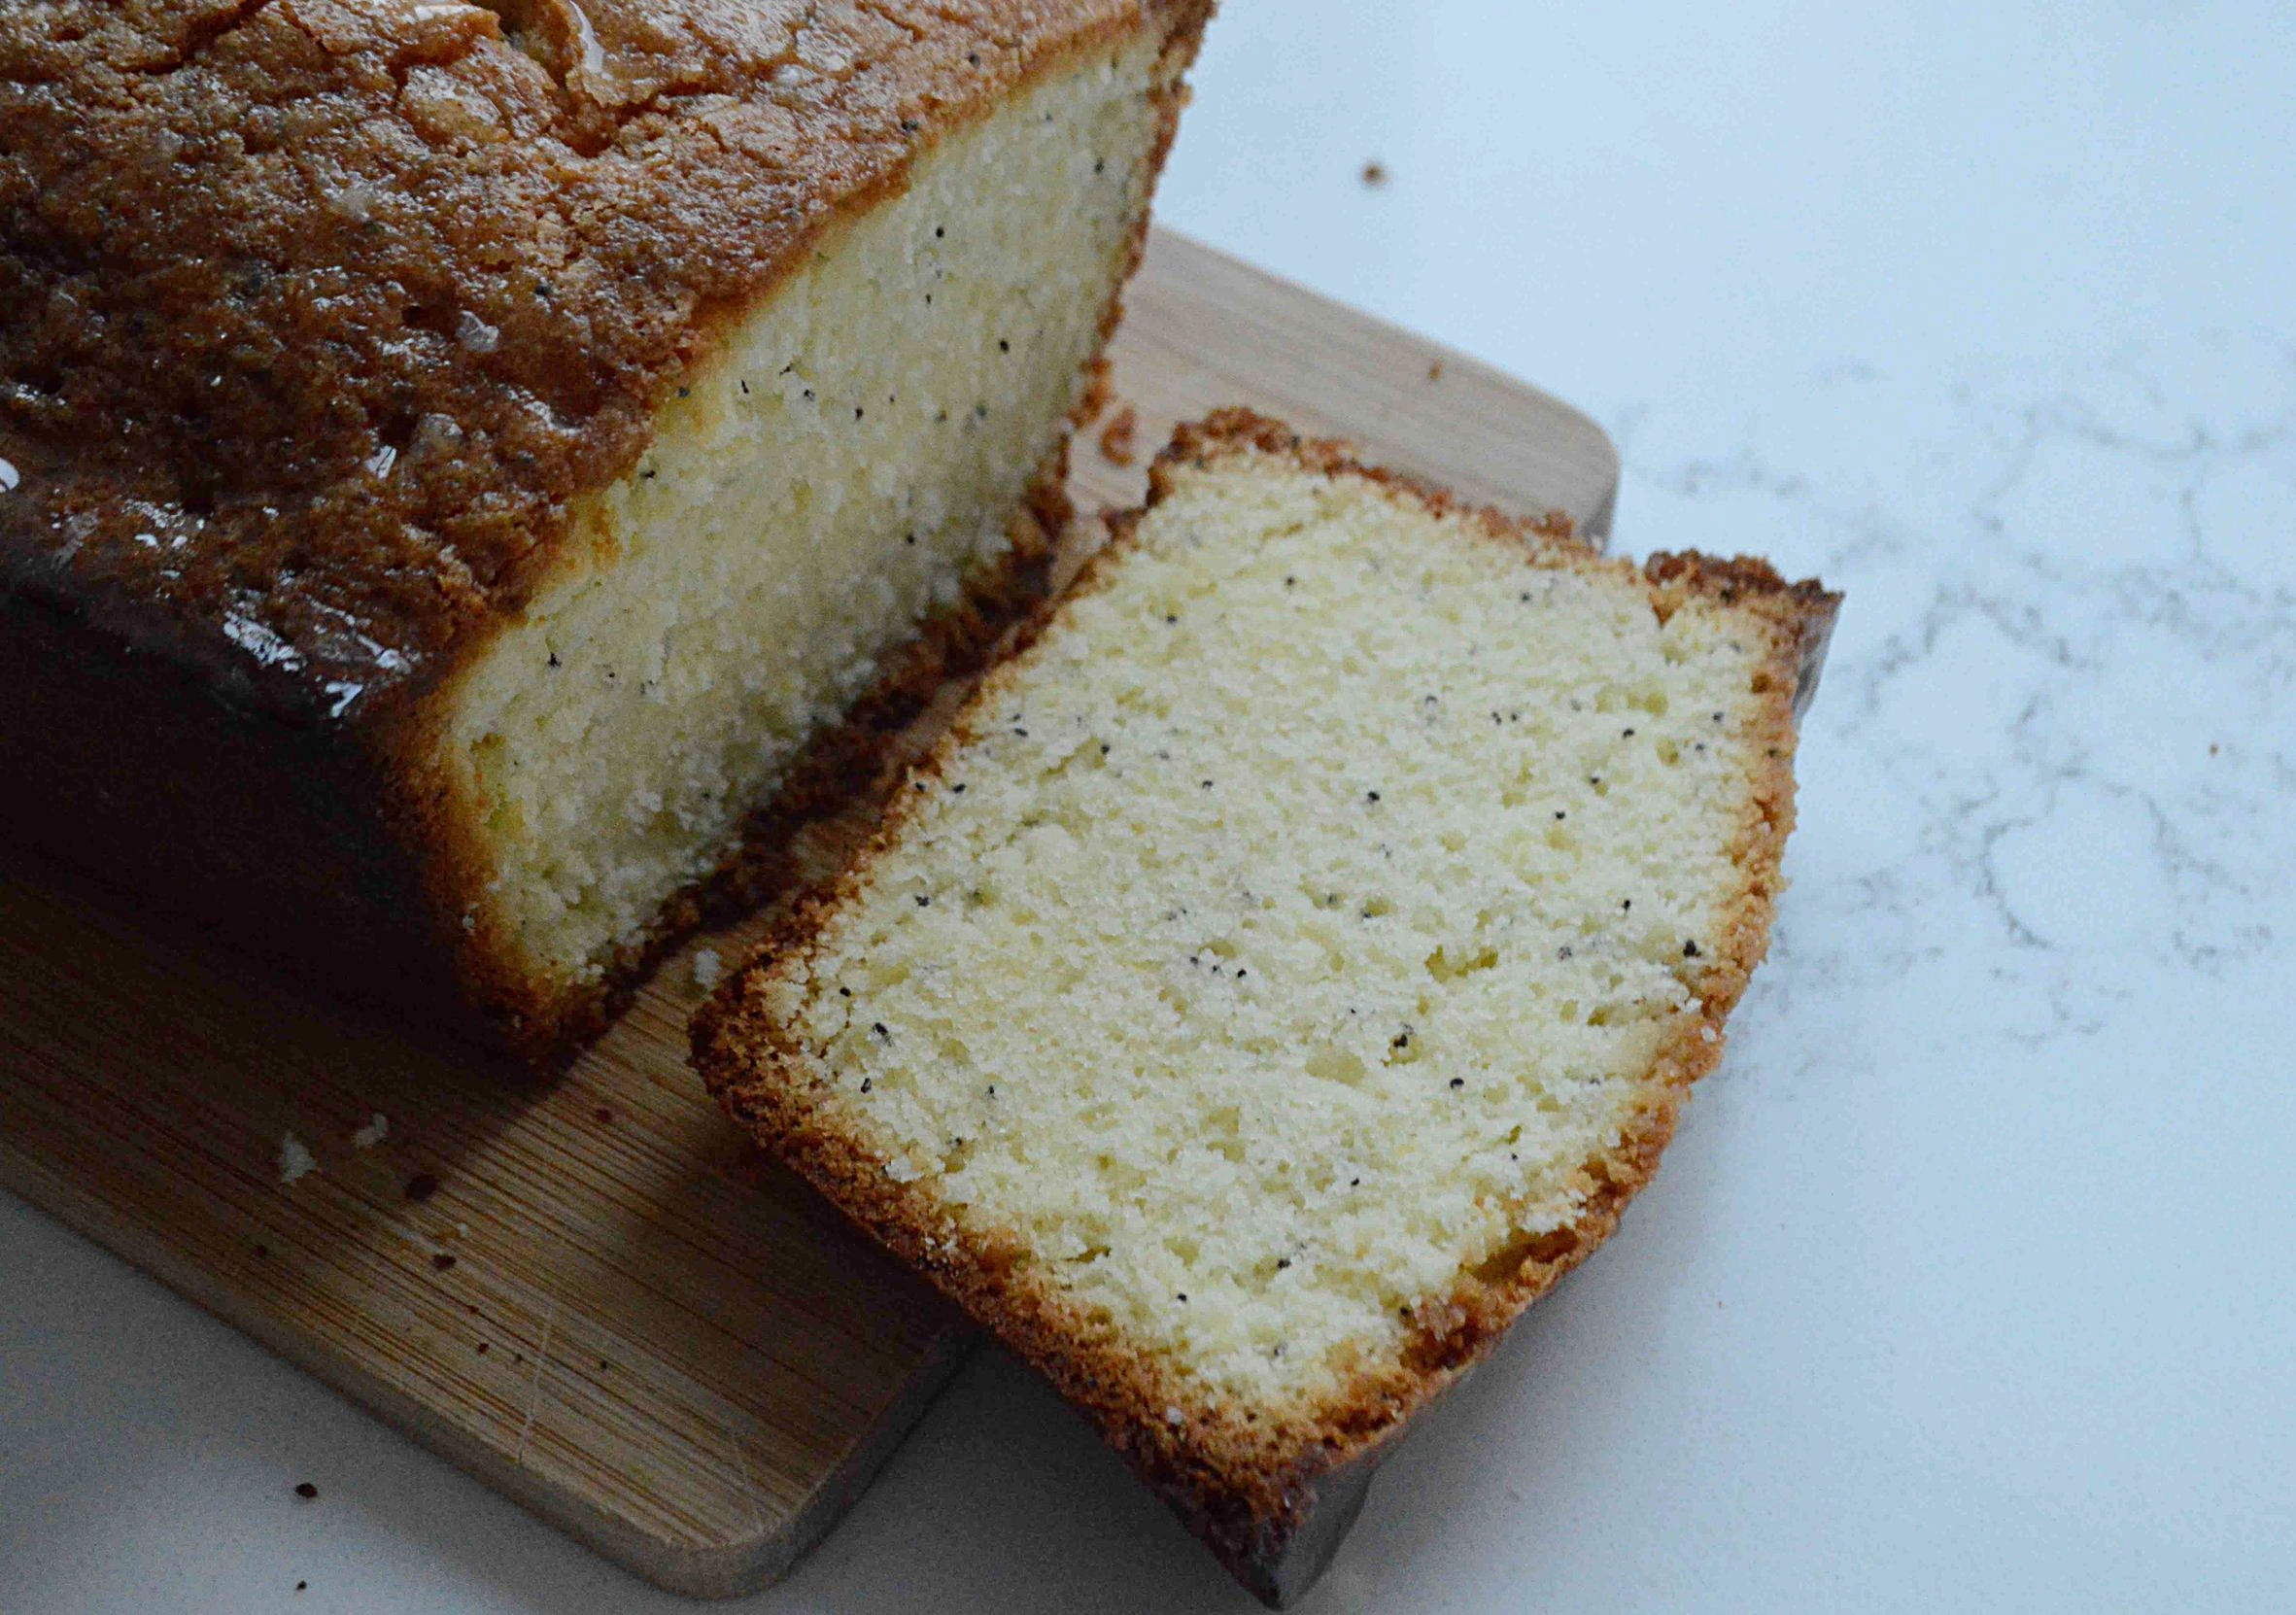 Glazed Lemon and Poppyseed Loaf